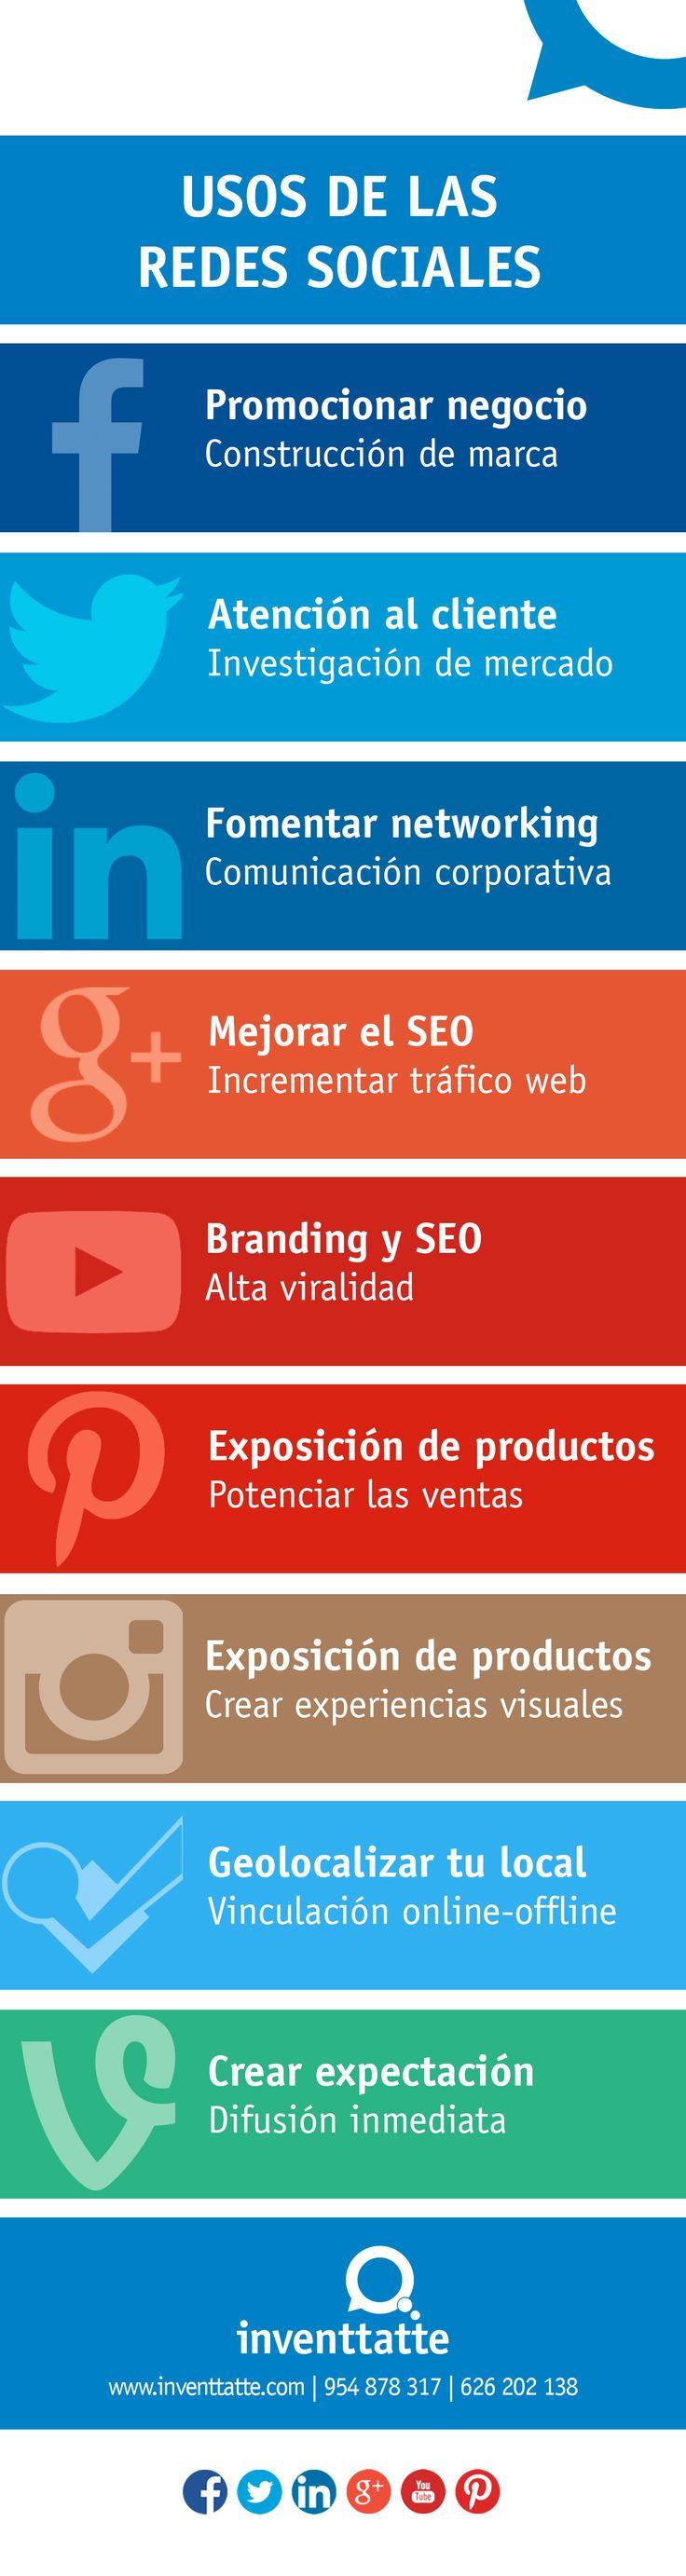 Infografía Usos de las Redes Sociales